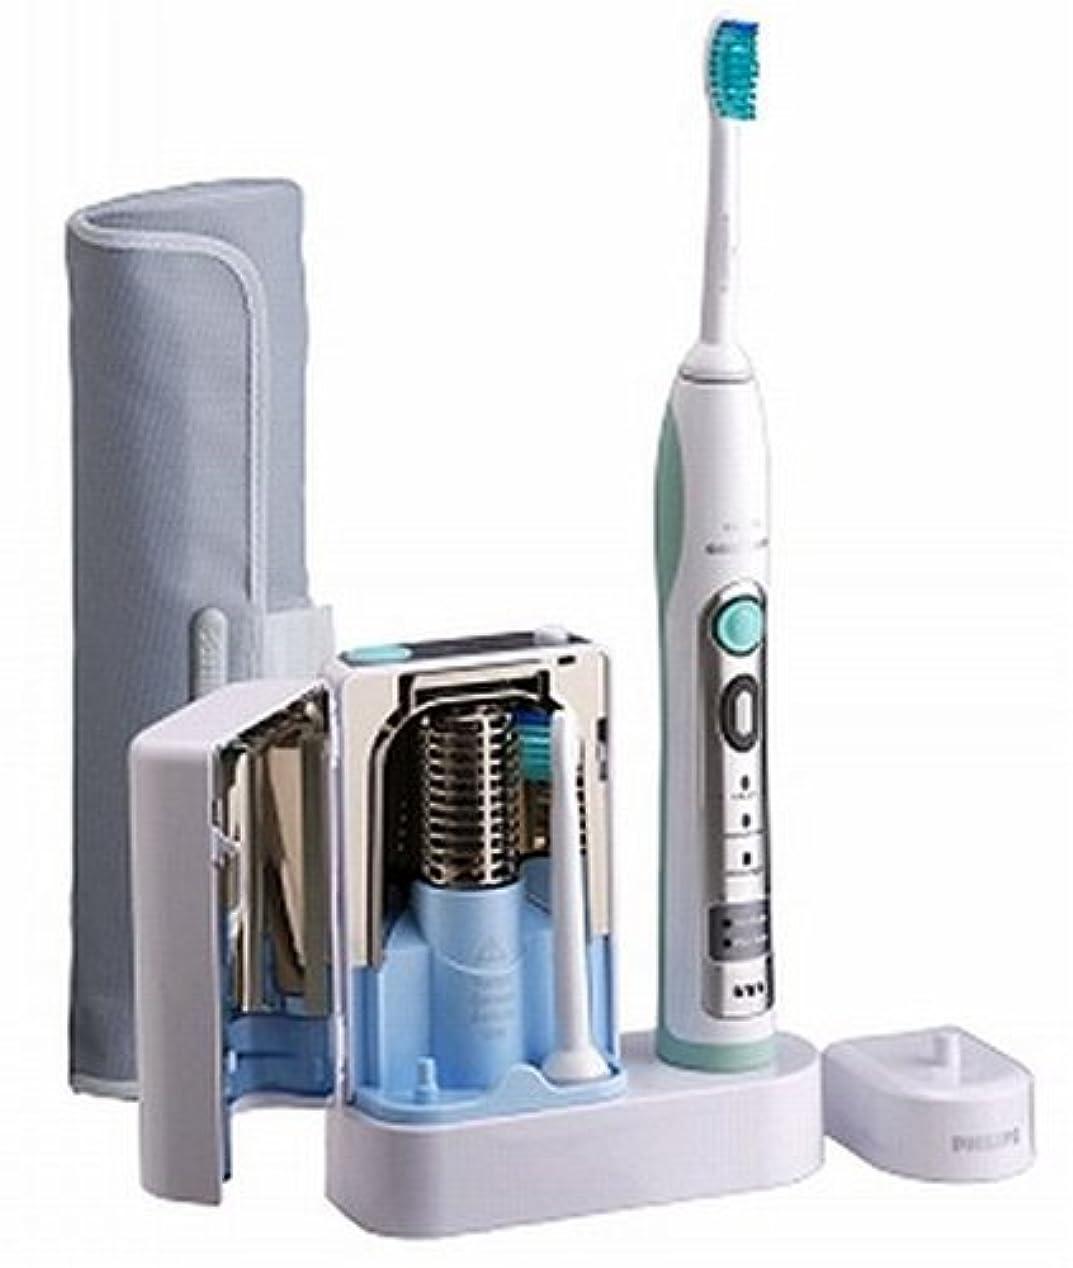 換気混雑タワーPHILIPS sonicare フレックスケアー 除菌器付き 電動歯ブラシ HX6912/10